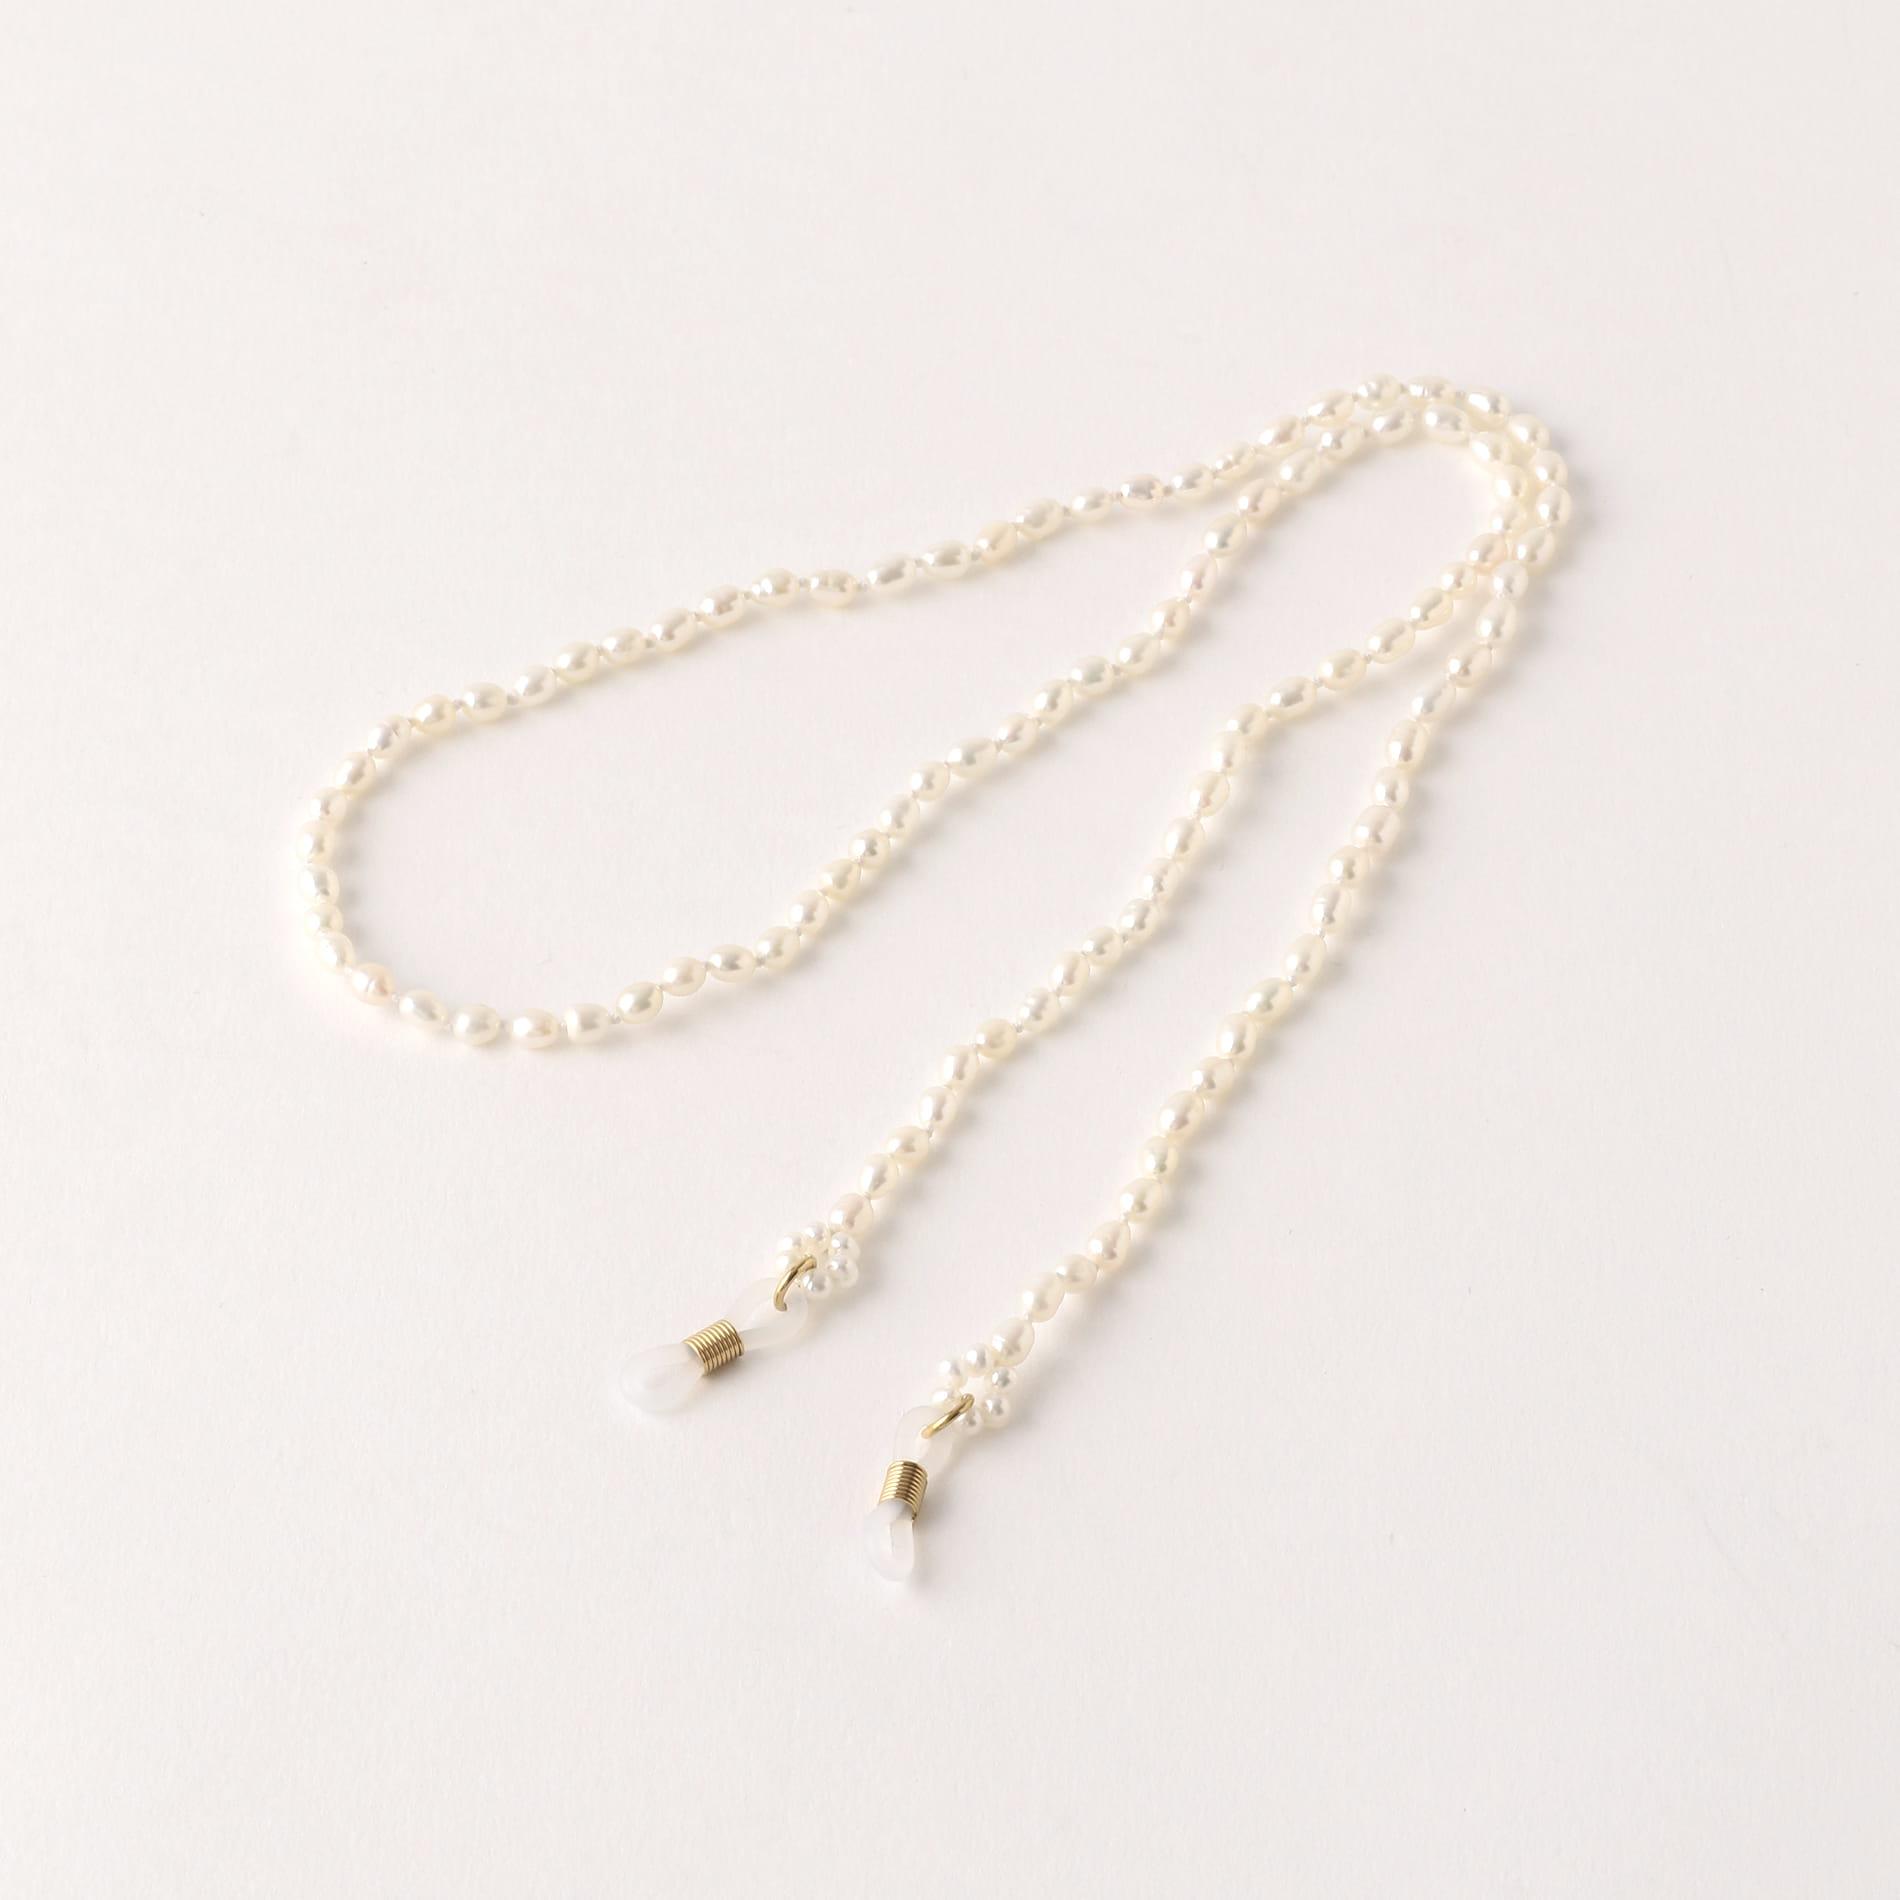 【LUCY FOLK】WOMEN メガネチェーン Eyewear Chains Pearl LFEC0002-A